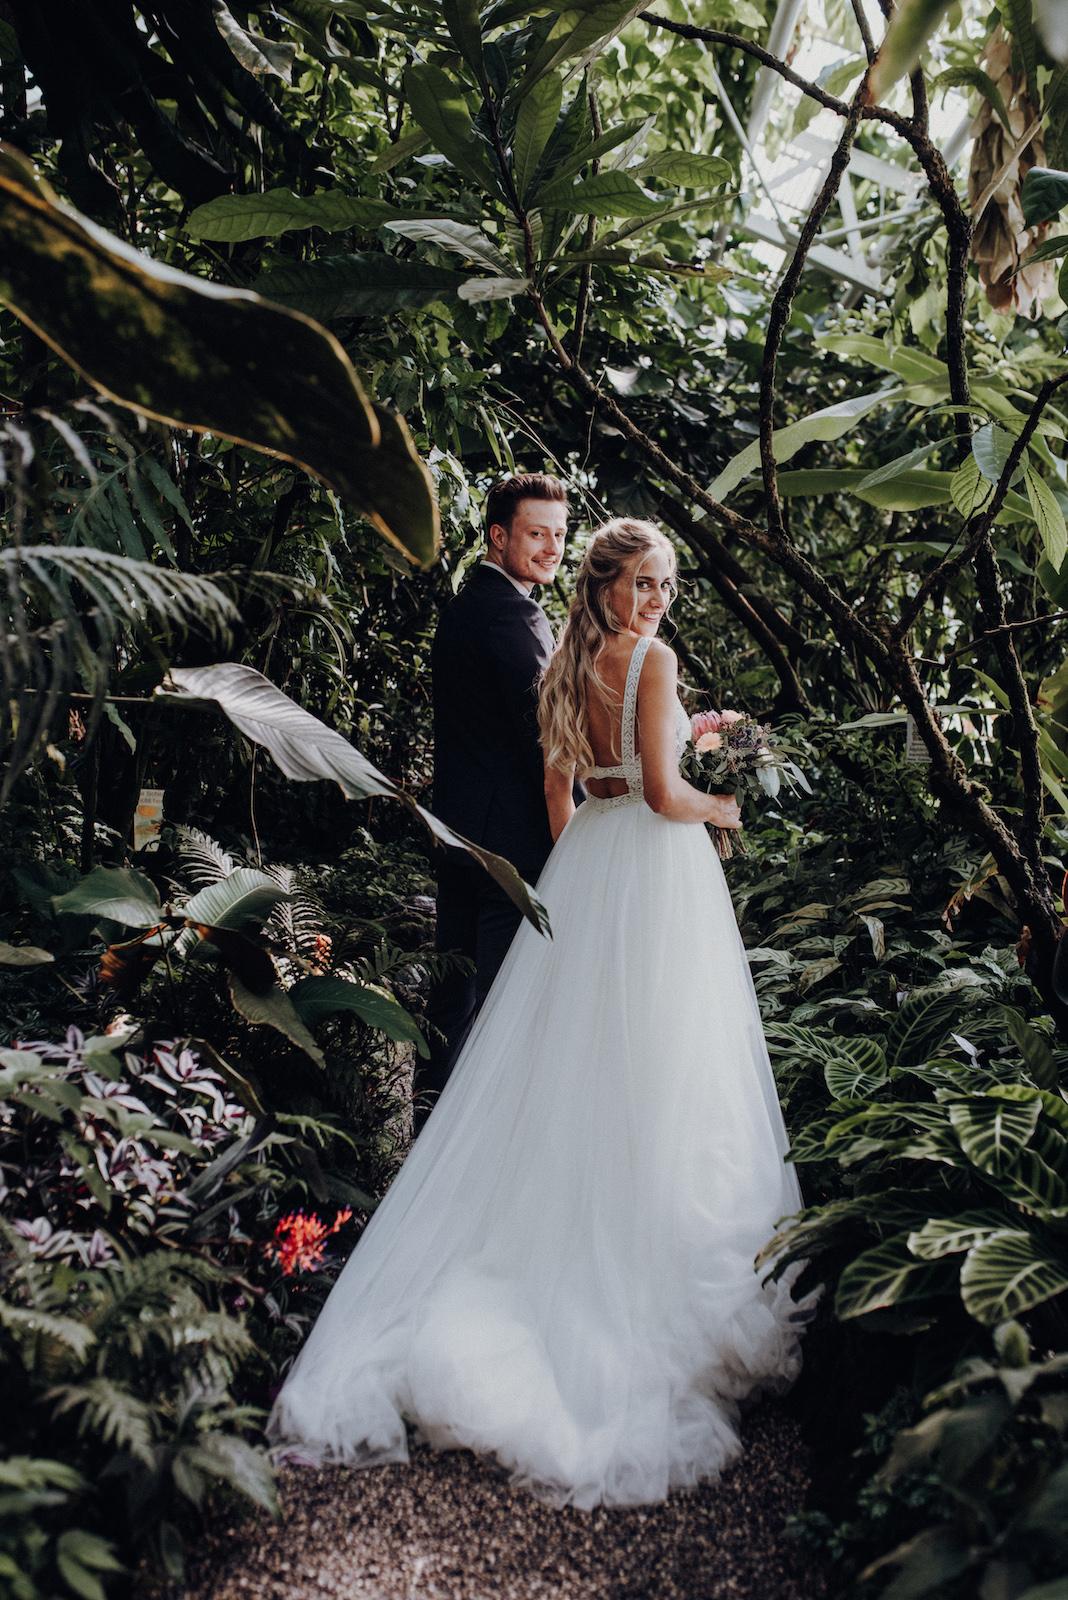 Hochzeit-Botanischer-Garten-Muenchen